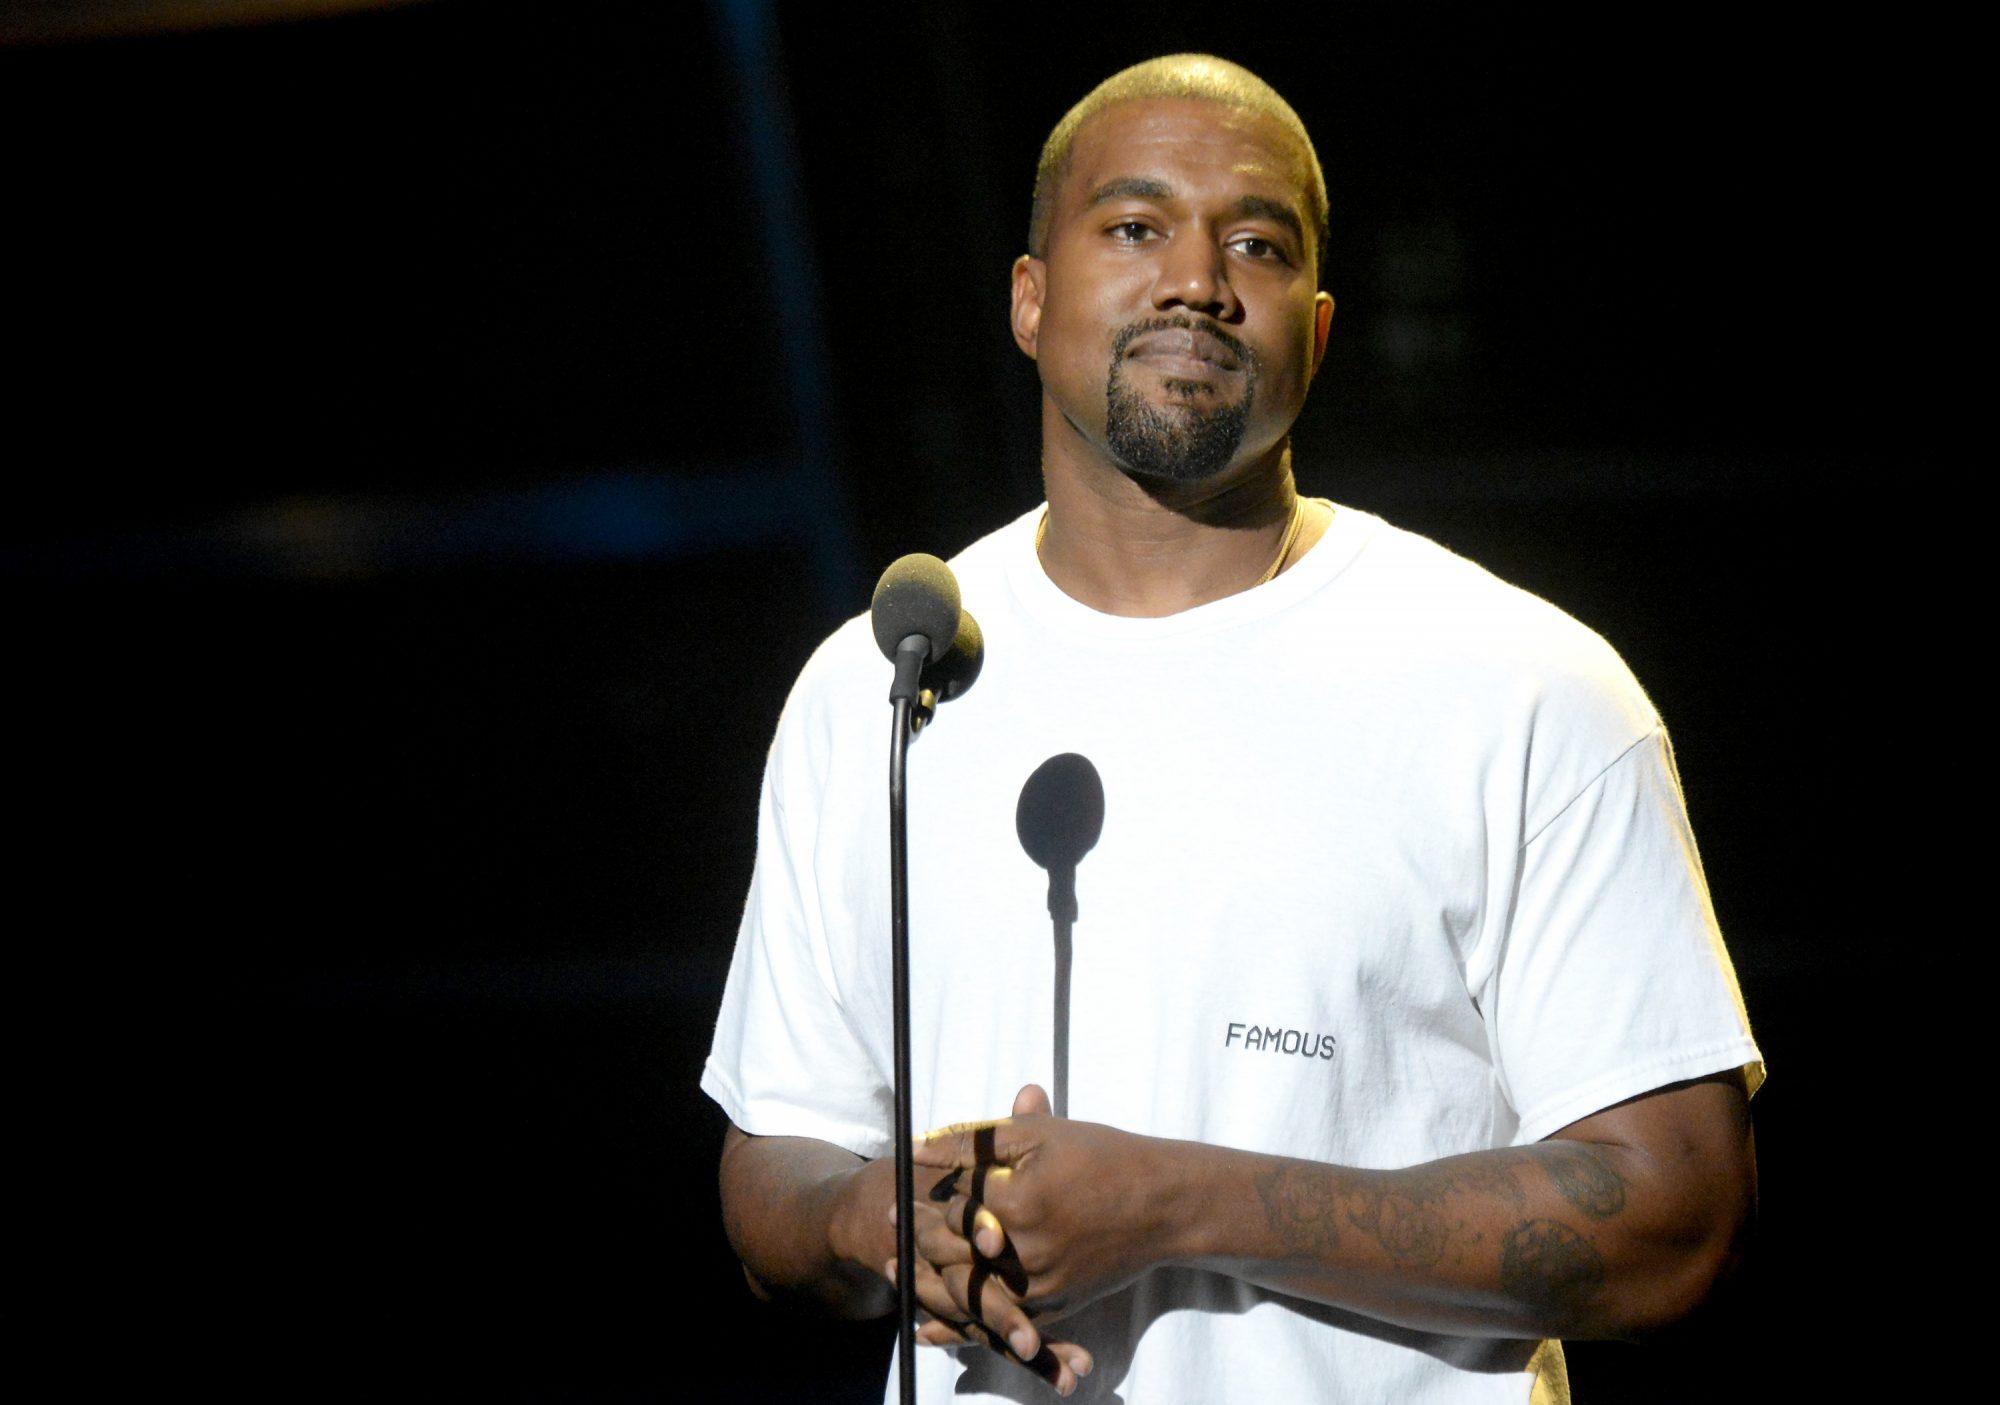 Kanye West is back on Instagram